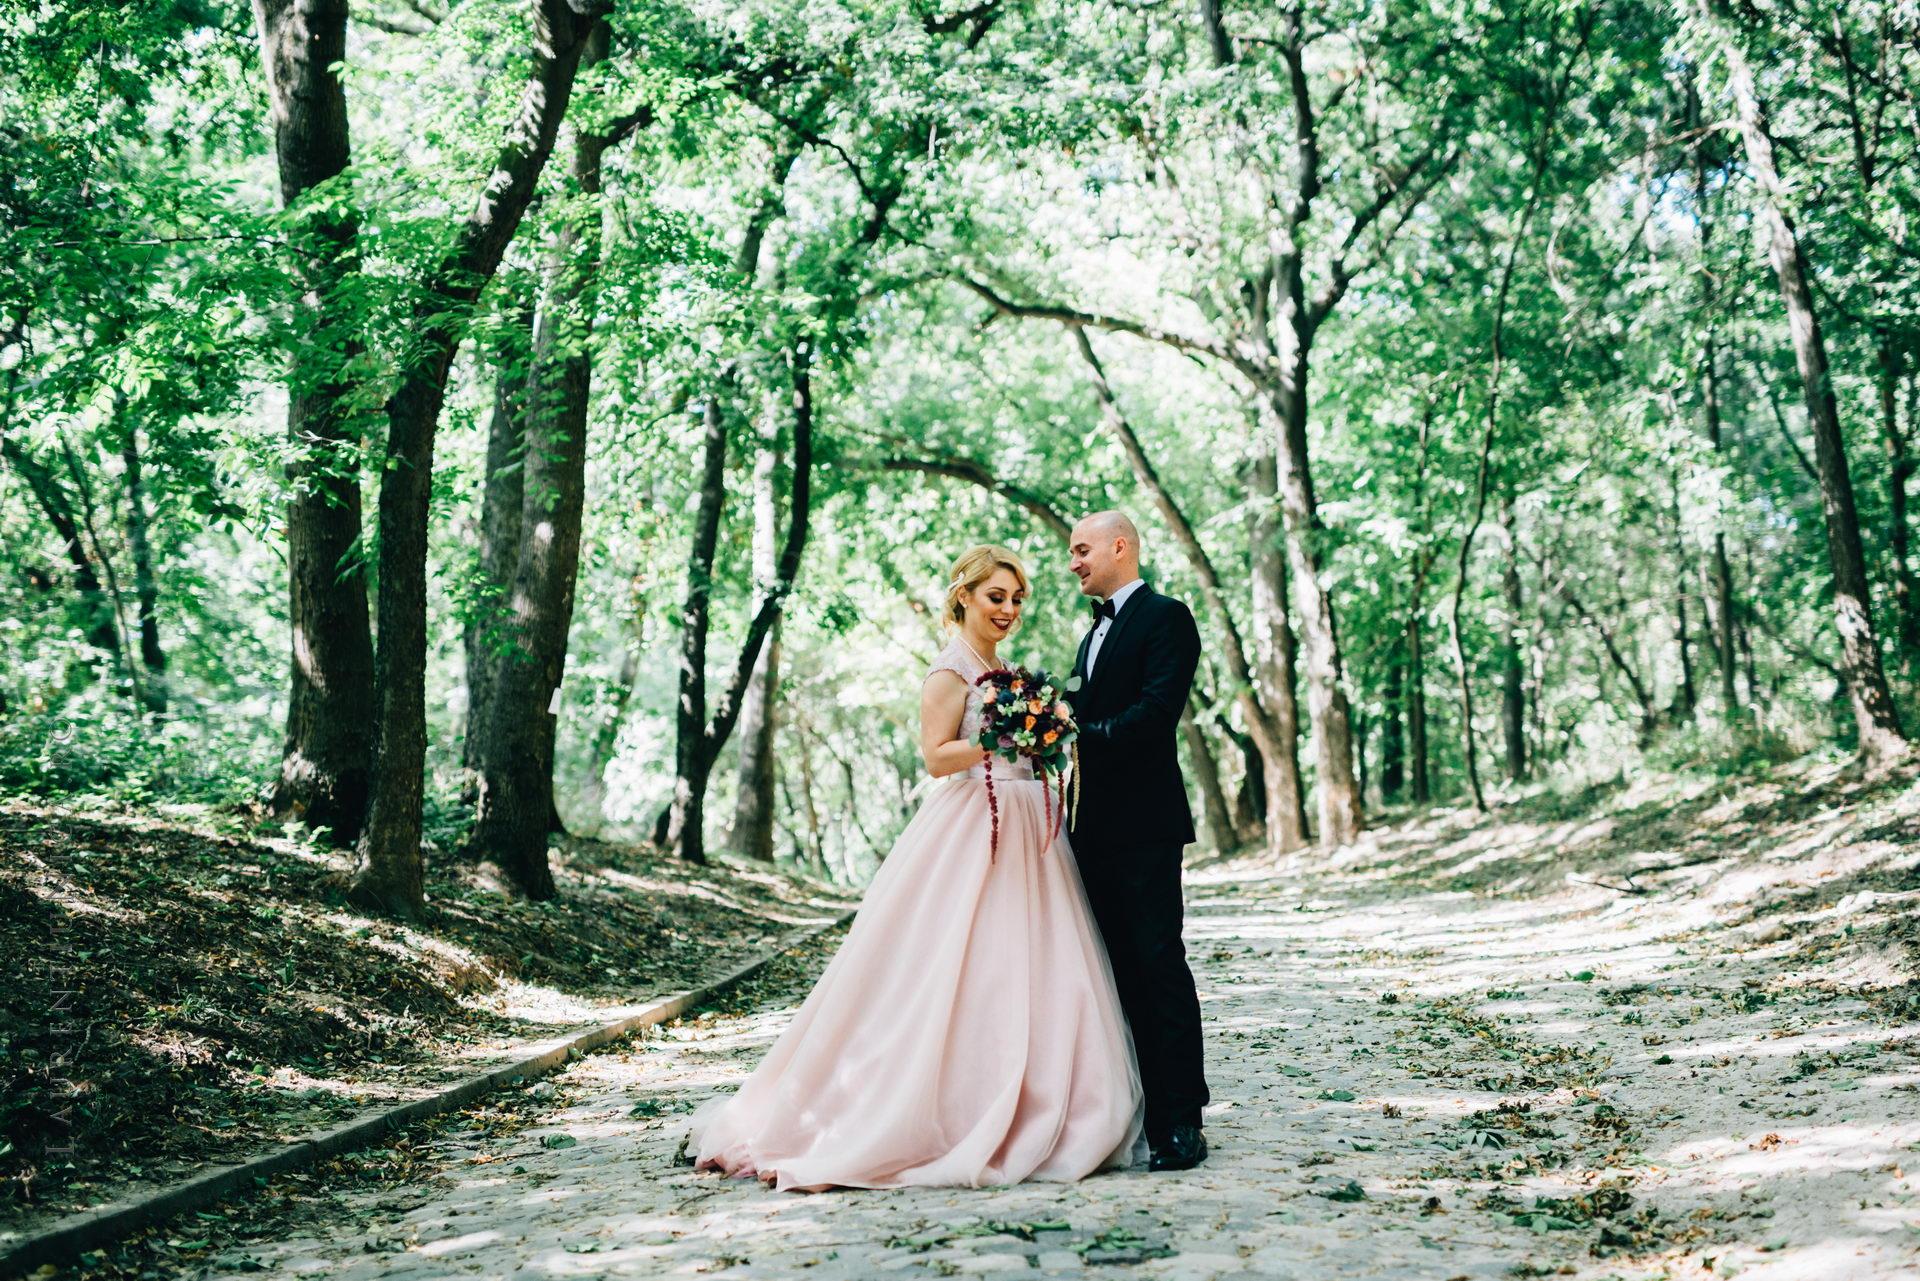 lavinia si adi fotograf laurentiu nica craiova 022 - Lavinia & Adi | Fotografii nunta